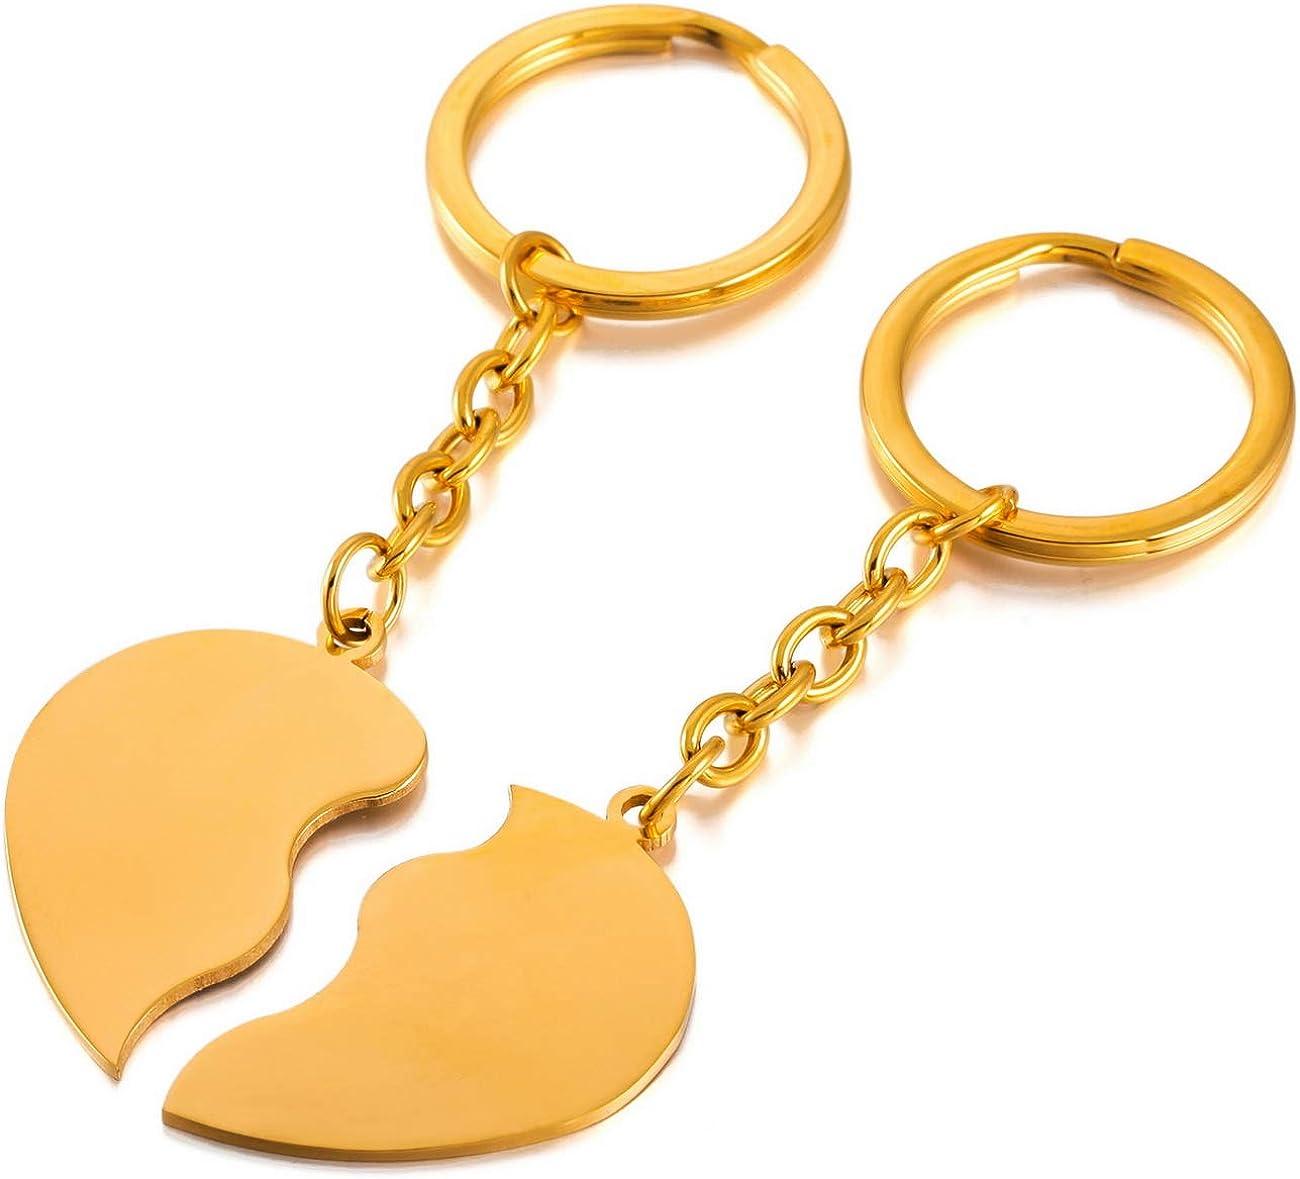 MeMeDIY Noir dargent Or Deux Ton Acier Inoxydable Porte Cl/és Coeur C/œur Couple Amour Amoureux Gravure personnalis/ée